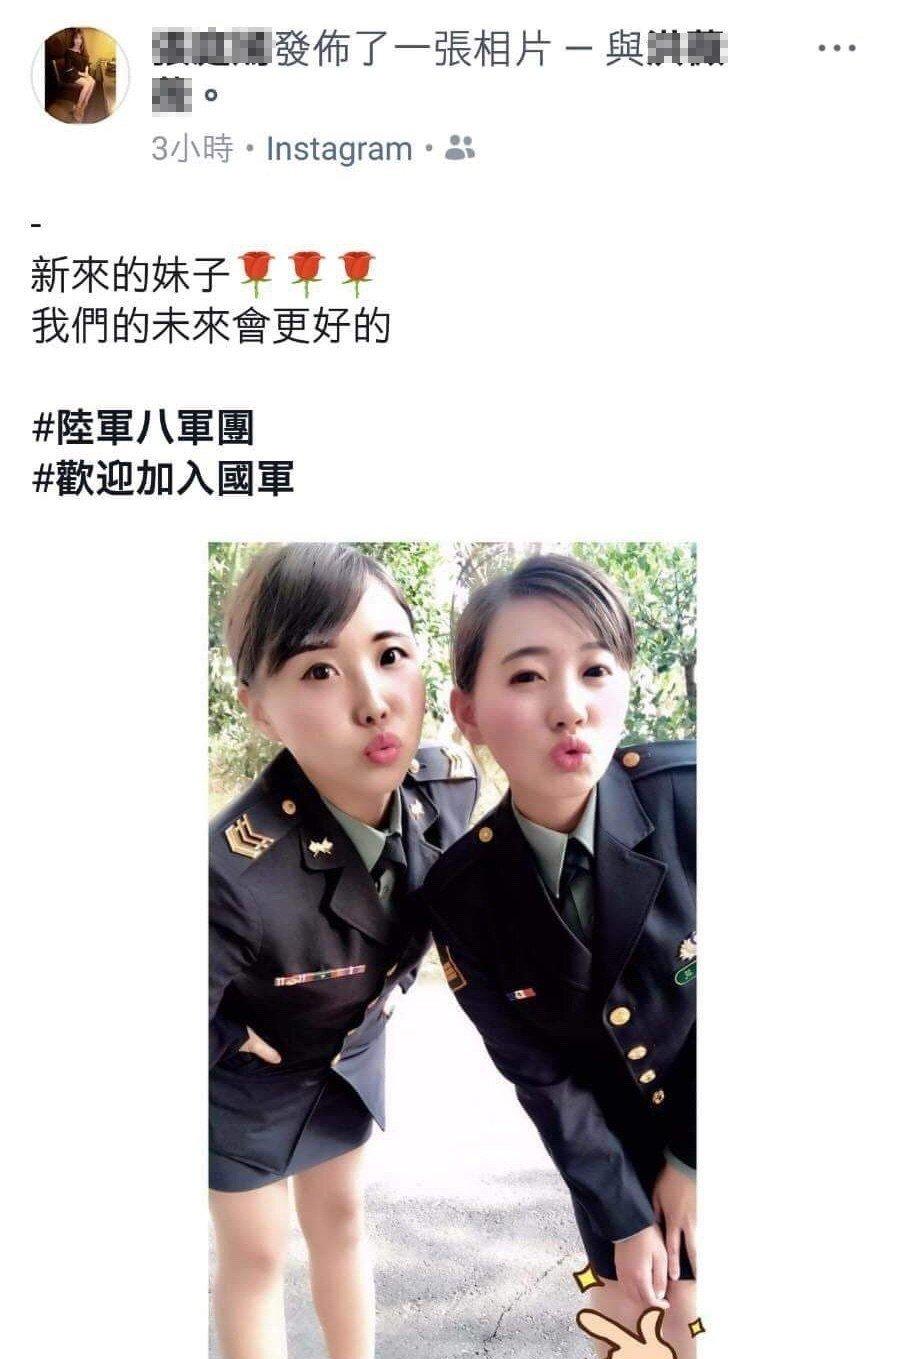 陸軍8軍團的張姓女士官、洪姓女士兵,化妝穿上裙子奇短的軍常服,兩人嘟起可愛小嘴一...